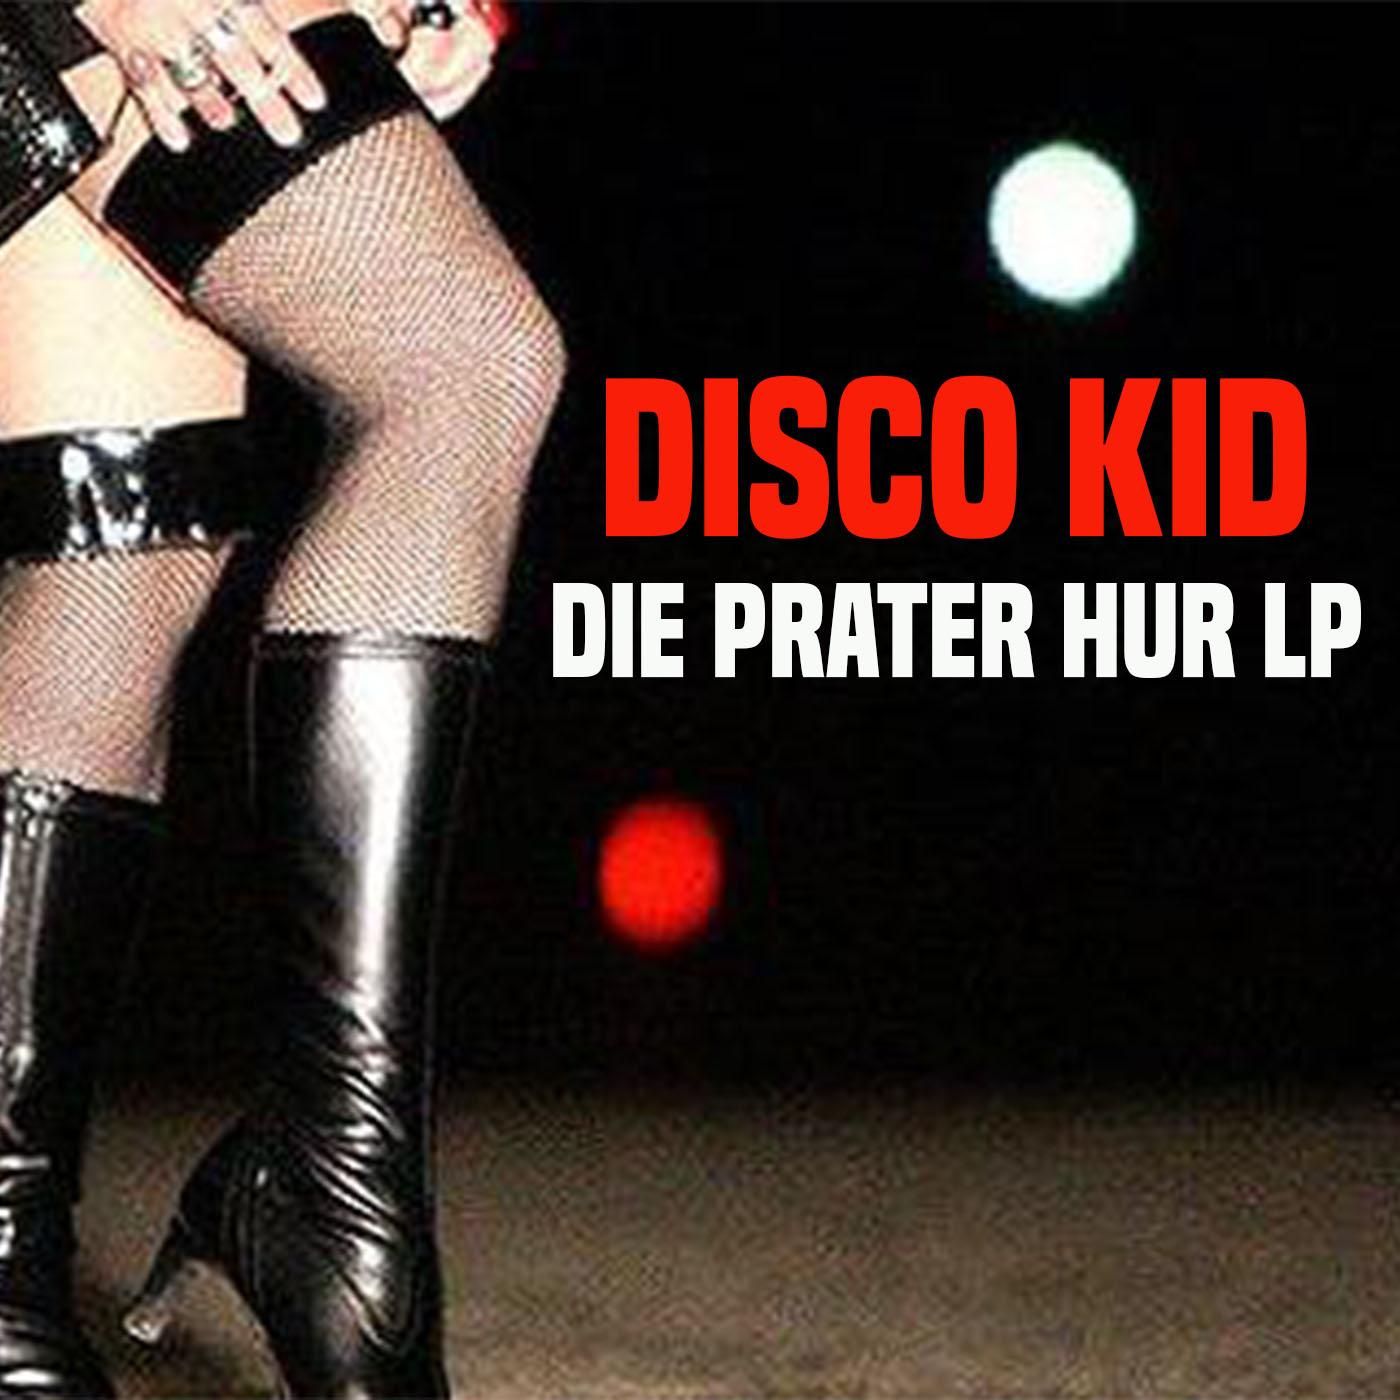 DISCO KID - Plandemie in den Arsch (Extended DIsco Swing)